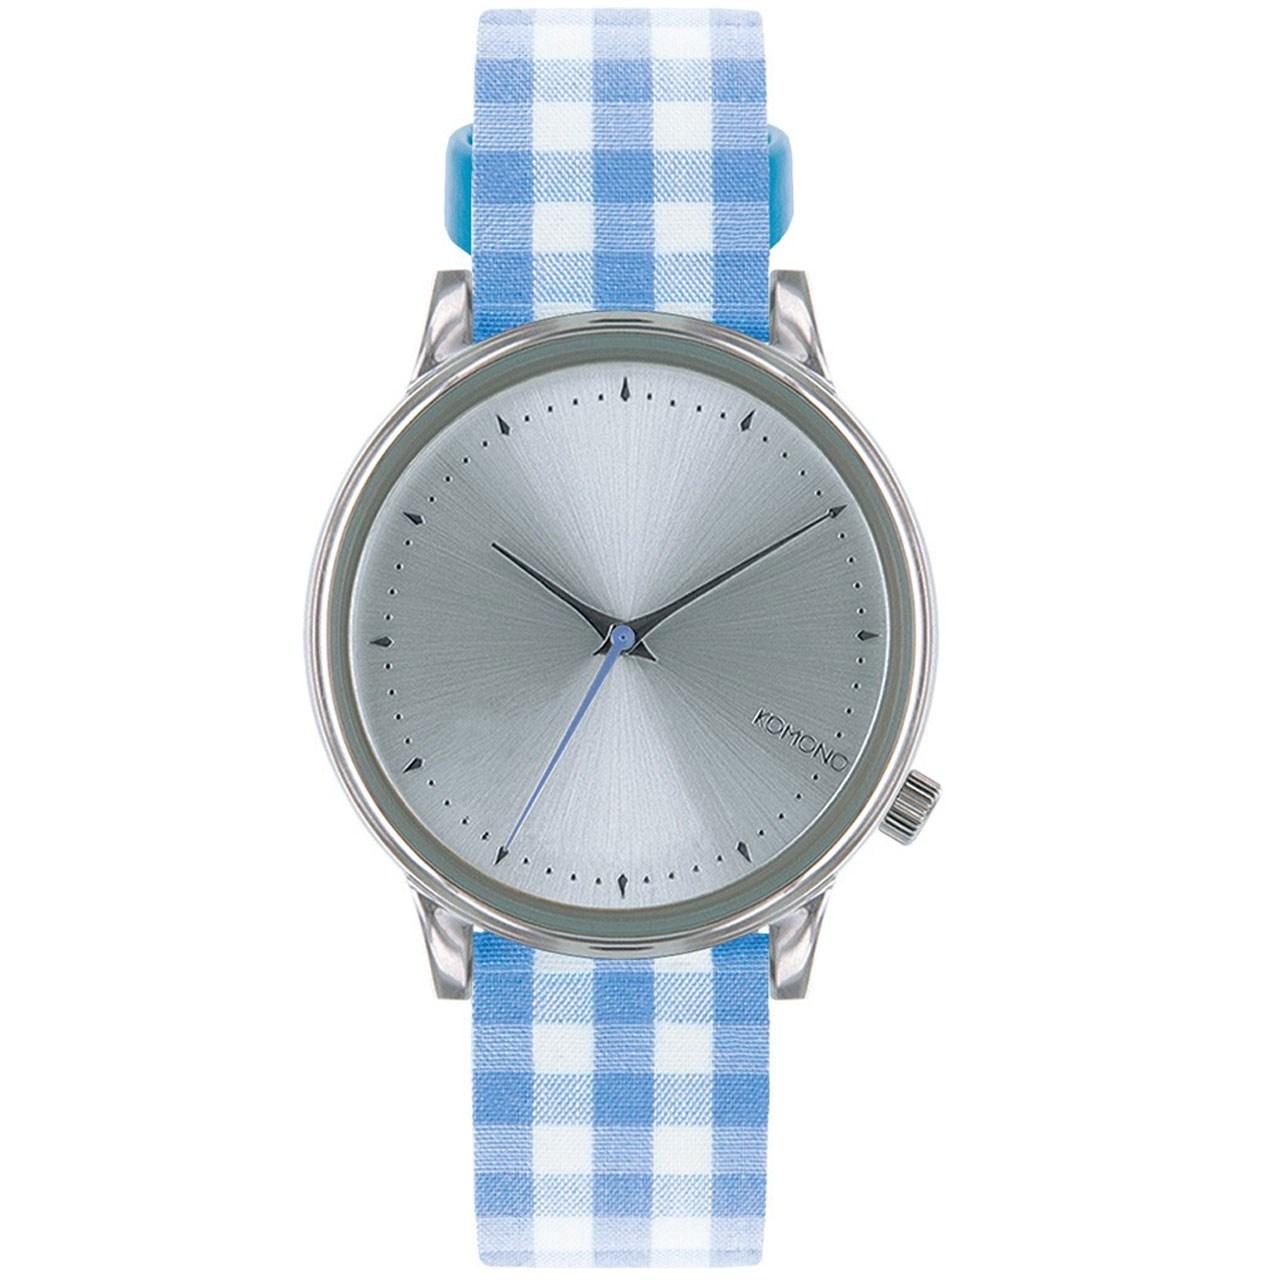 ساعت مچی عقربهای کومونو مدل Estelle Vichy Blue